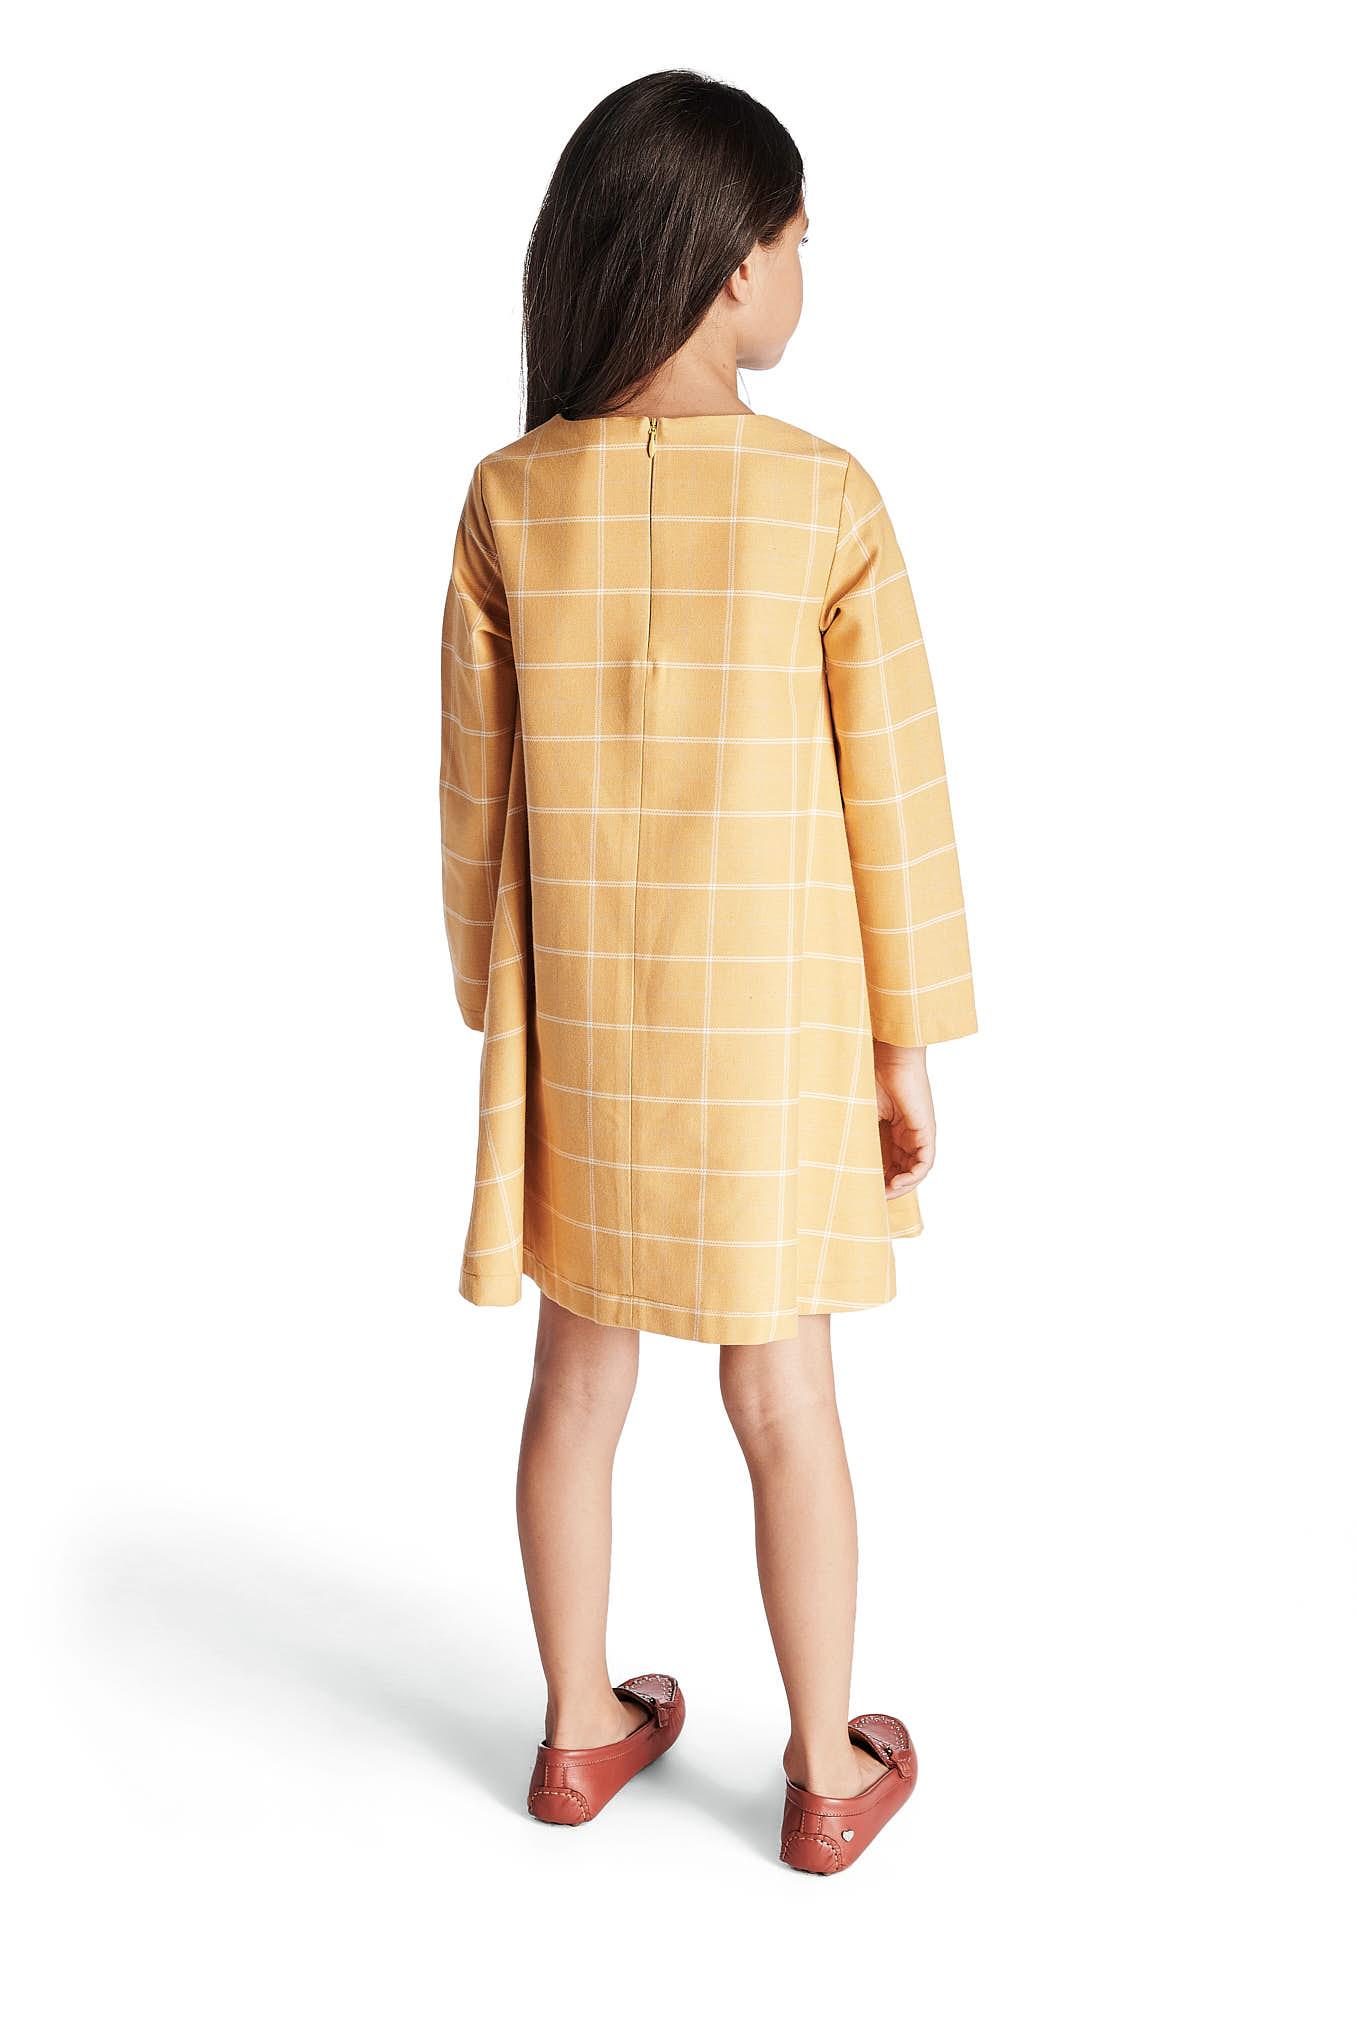 Vestido Amarelo Fantasy Rapariga